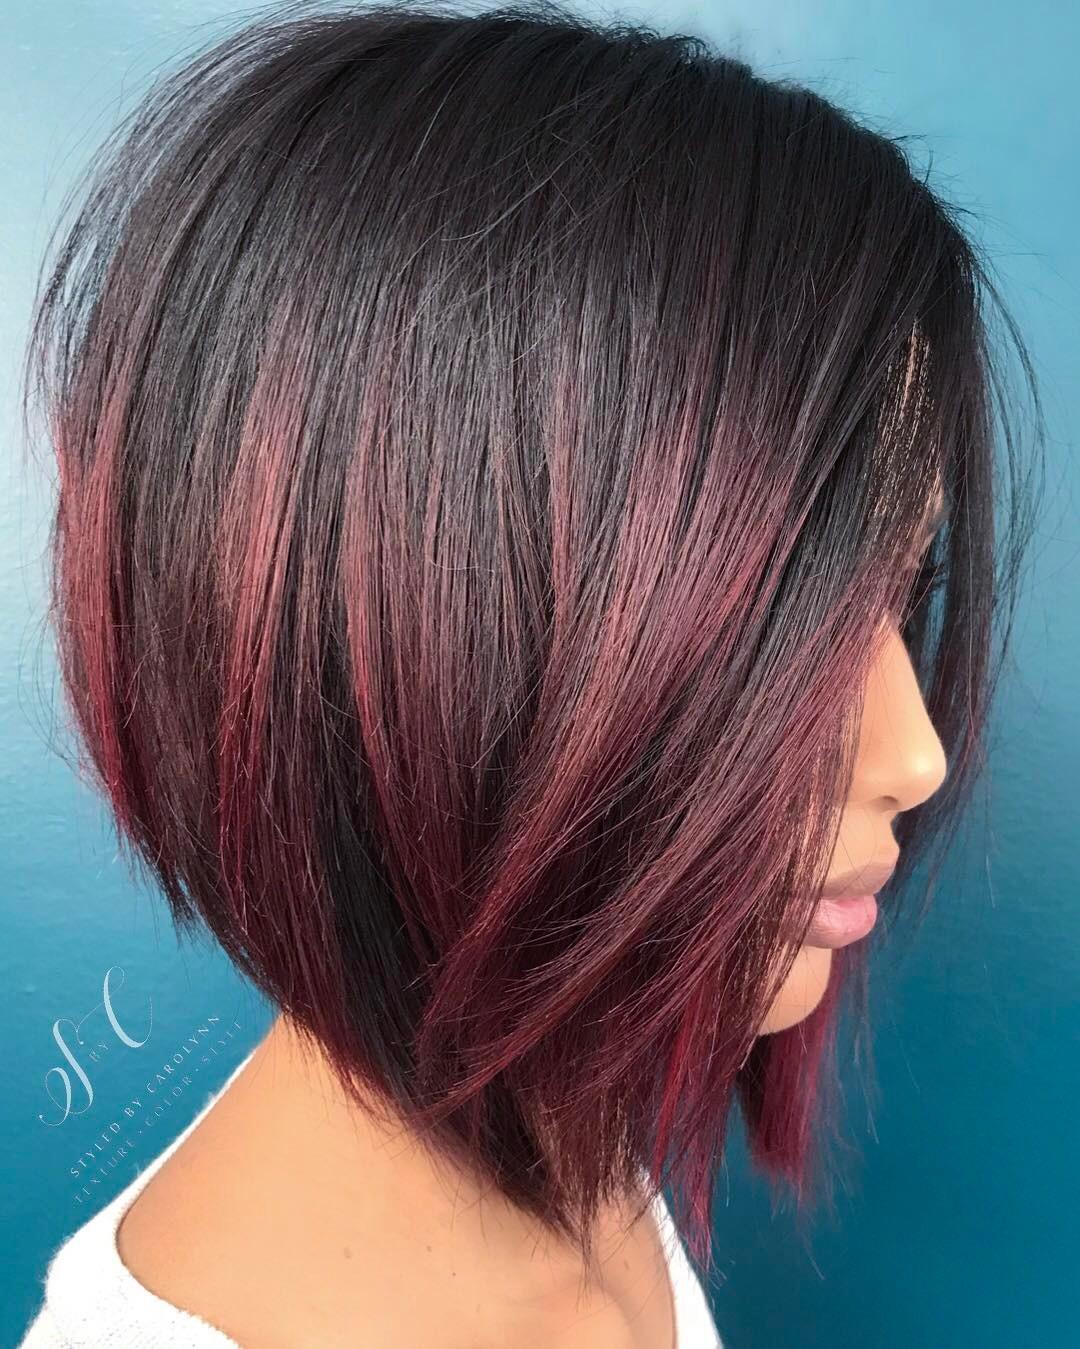 короткие стрижки для рыжих волос фото 1